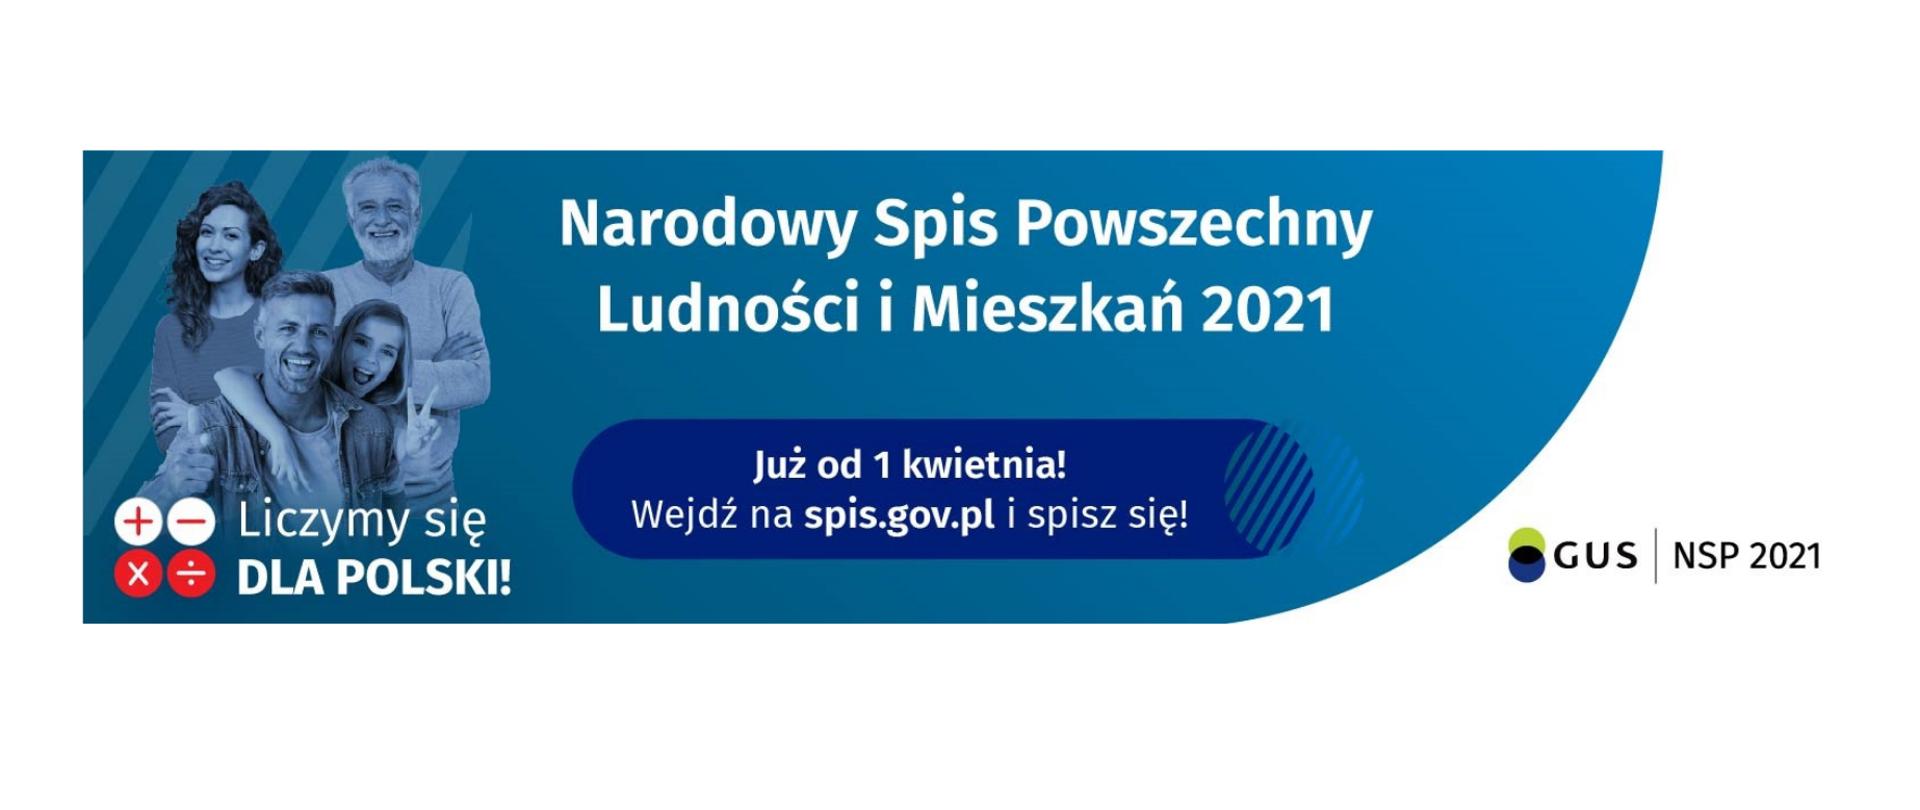 Narodowy Spis Powszechny 2021 – Policzmy się dla Polski! - Mazowiecki Urząd  Wojewódzki w Warszawie - Portal Gov.pl